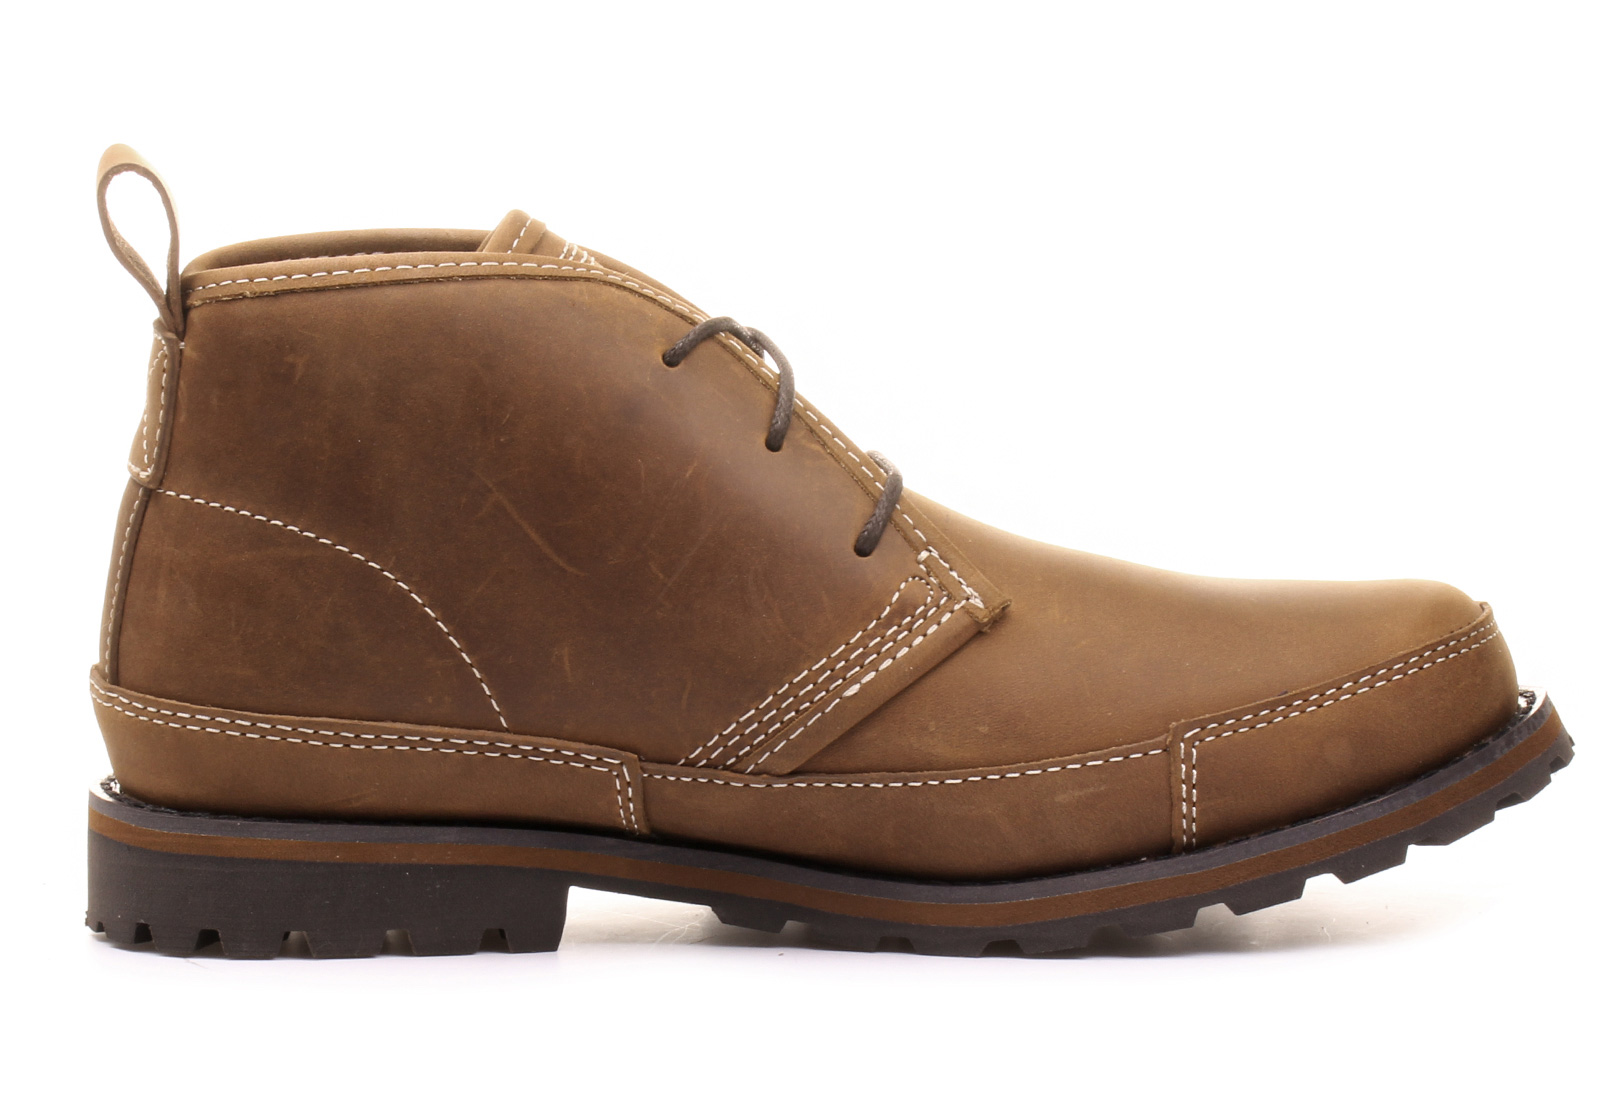 e8afe49f52 Timberland Shoes - Ek Barentsburg - 74142-whe - Online shop for ...